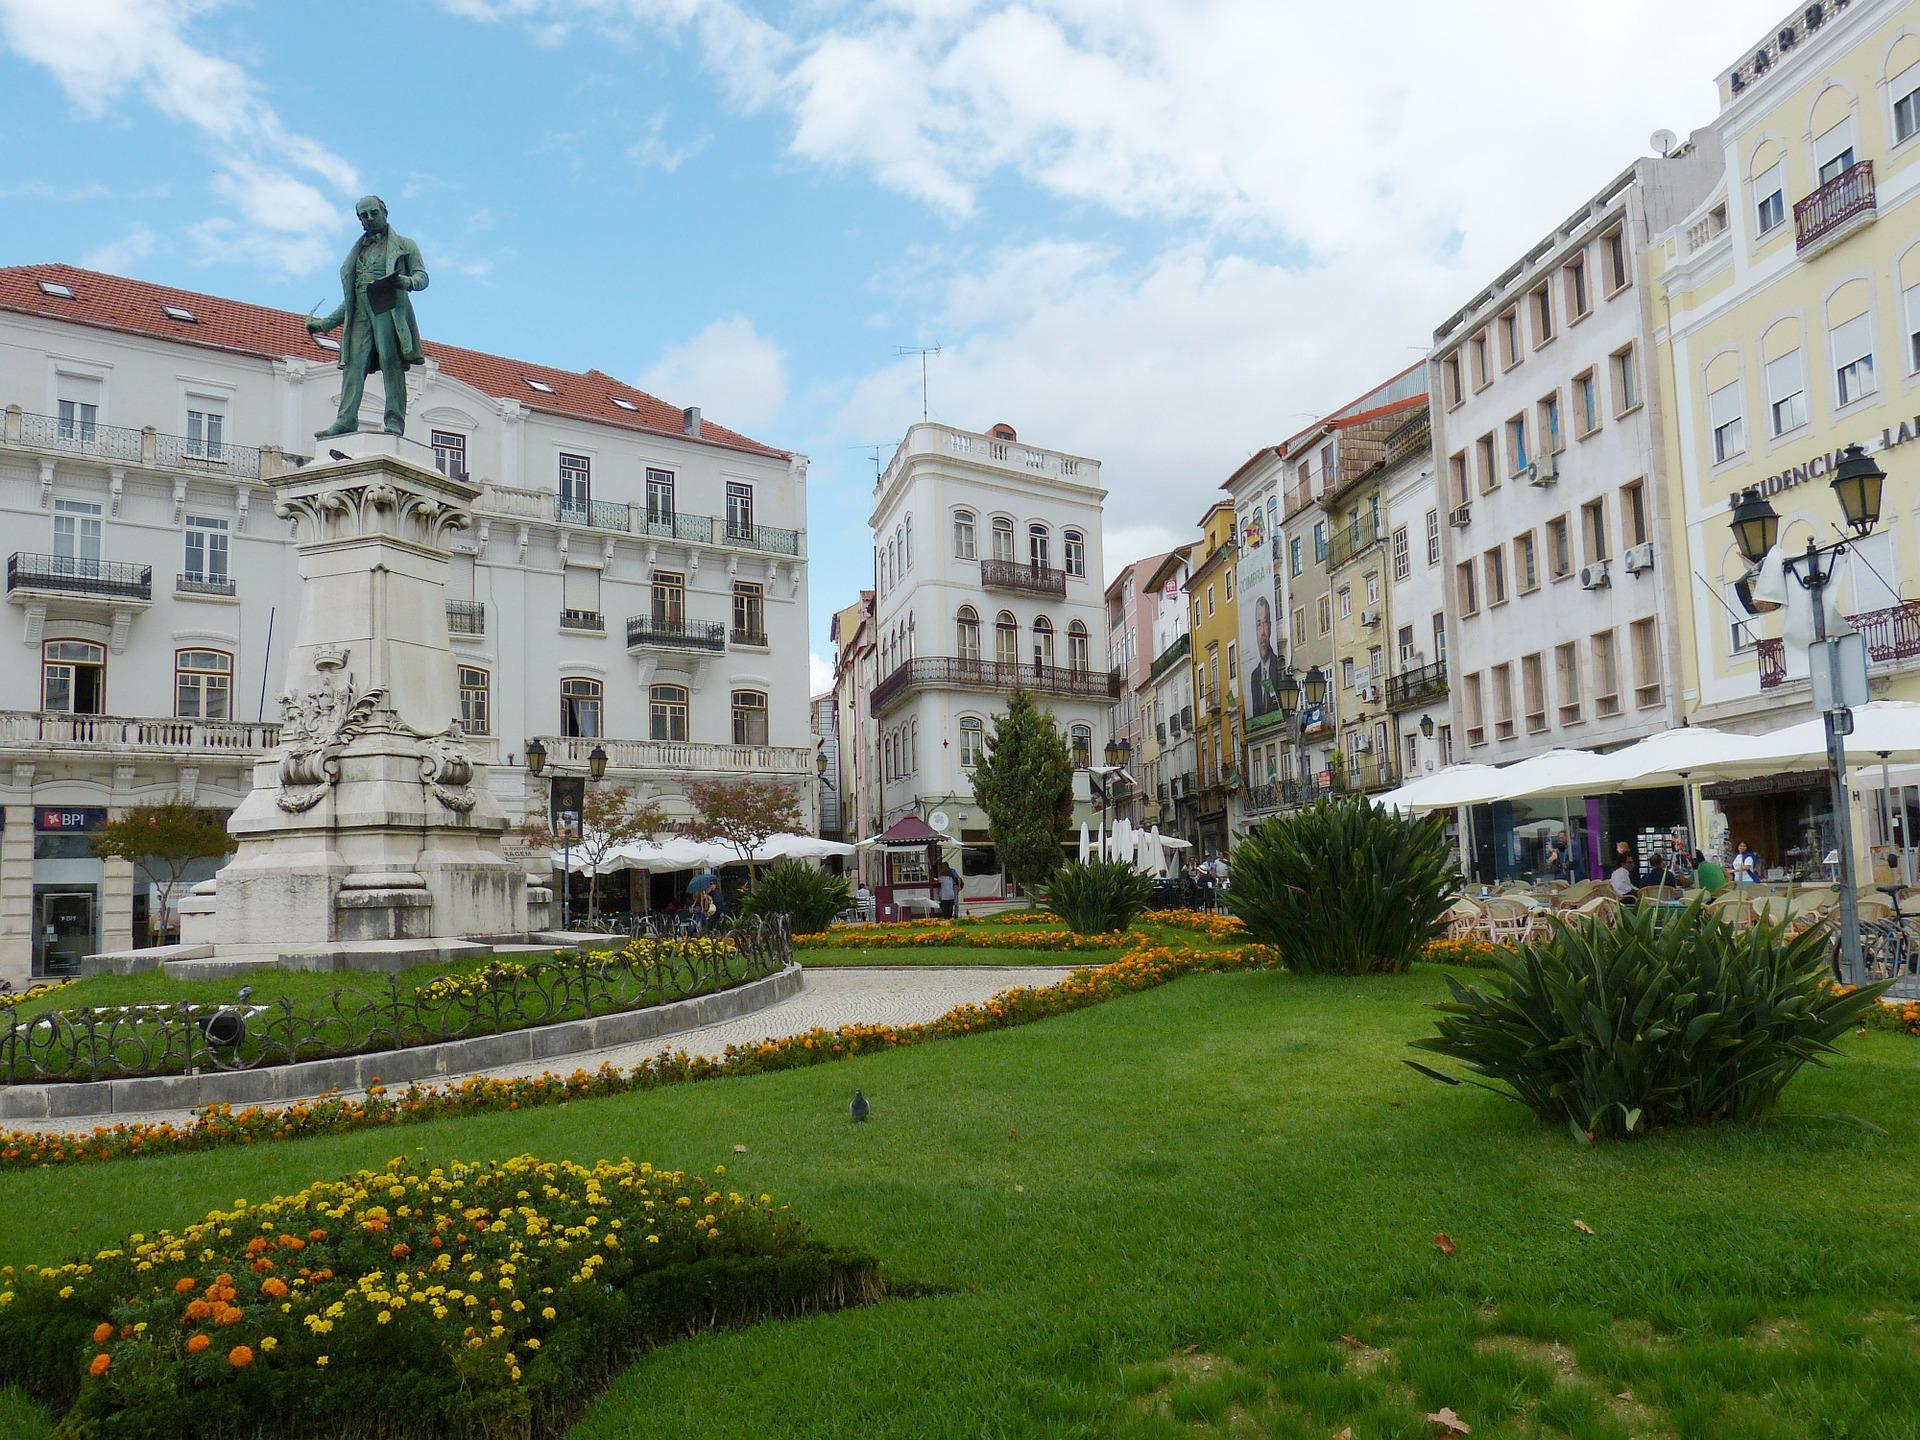 melhores-cidades-para-estudar-em-portugal-coimbra